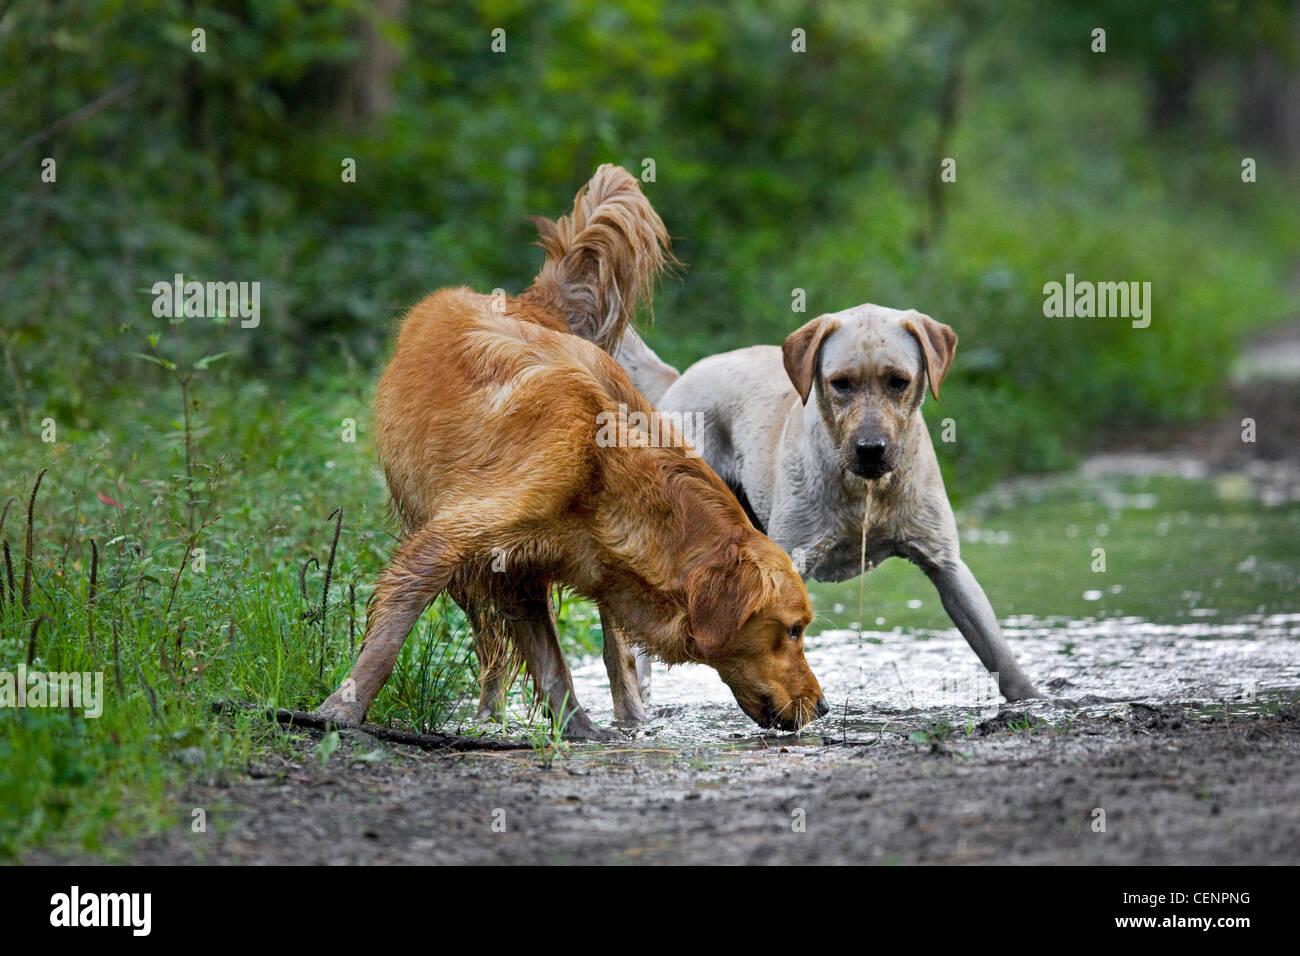 Durstig Golden Retriever und Labrador Hunde Trinkwasser aus schlammigen Pfütze auf dem richtigen Weg im Wald, Stockbild